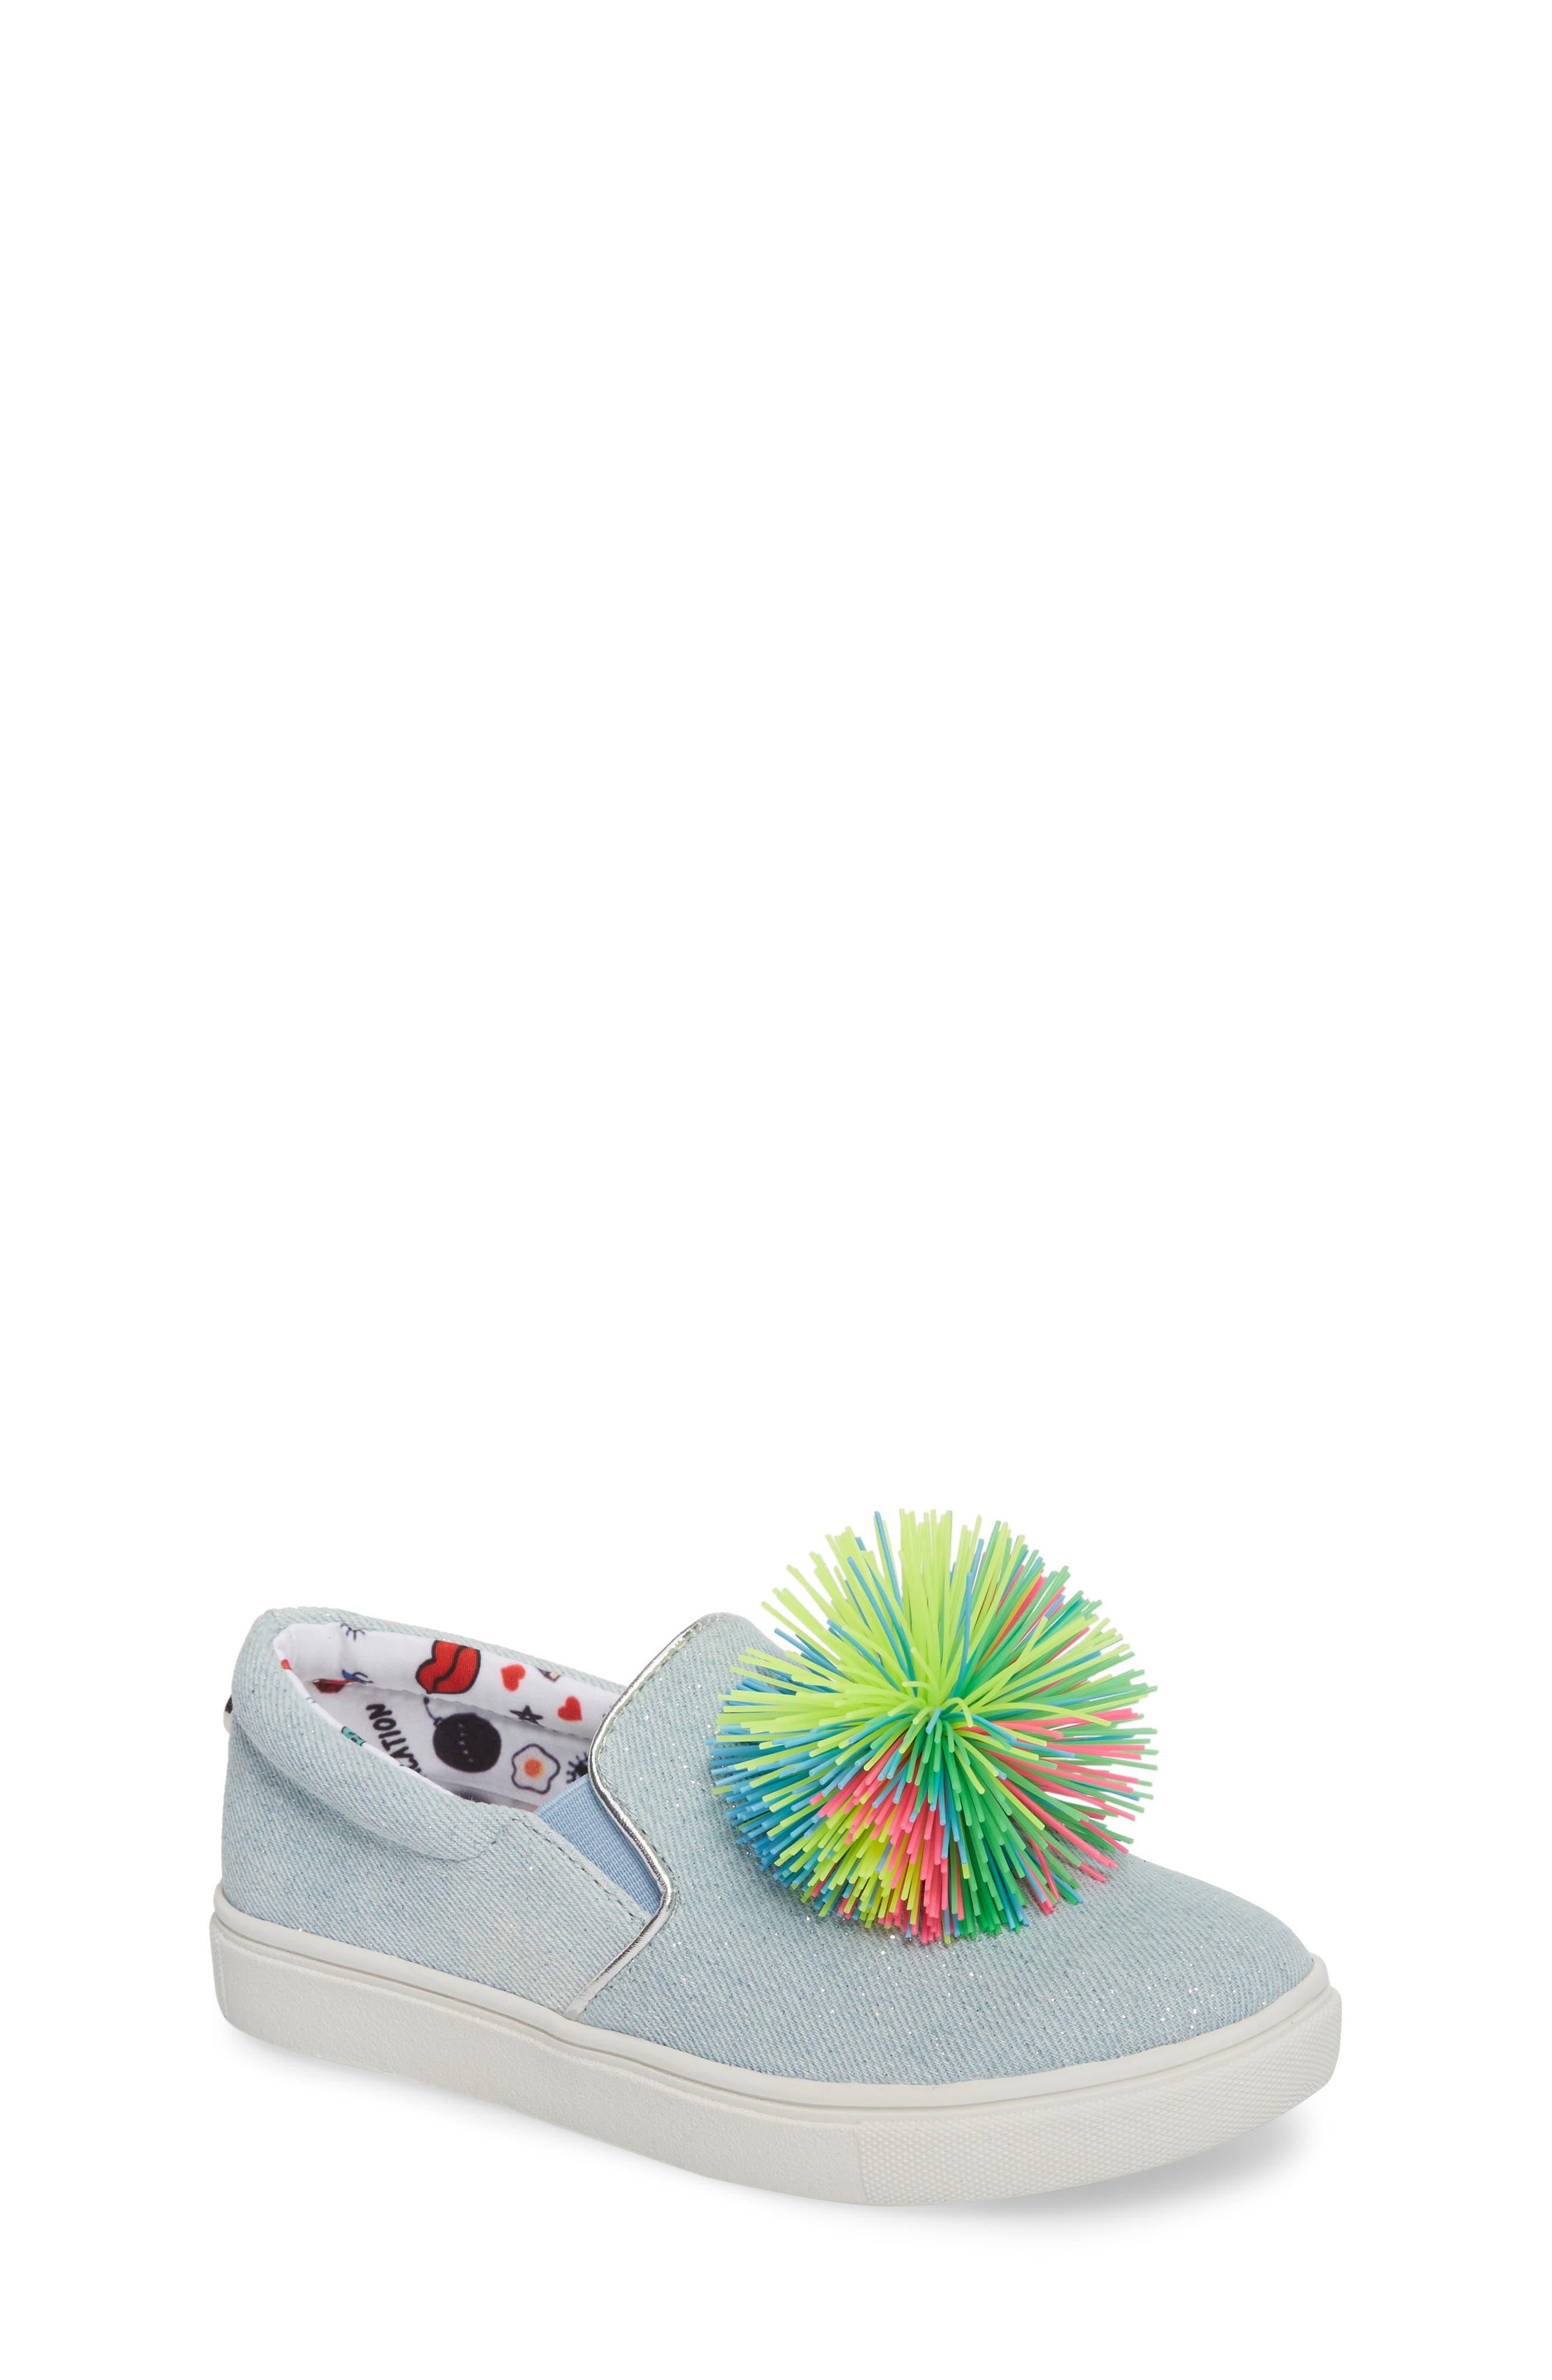 Pompom Slip-On Sneaker,                             Main thumbnail 1, color,                             401